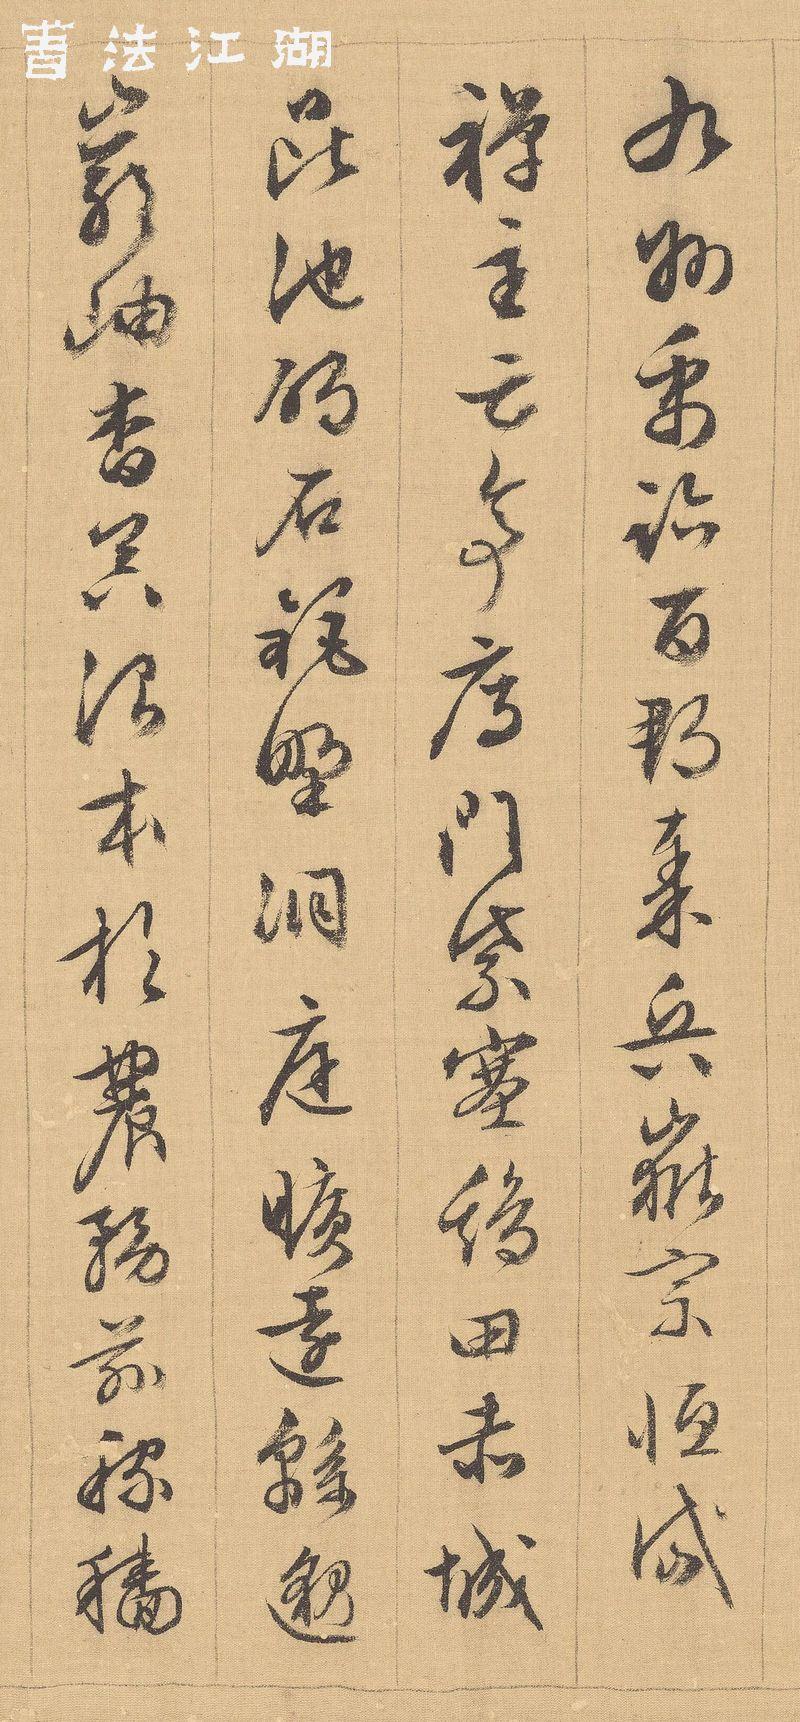 文徵明-行书千字文-14.jpg